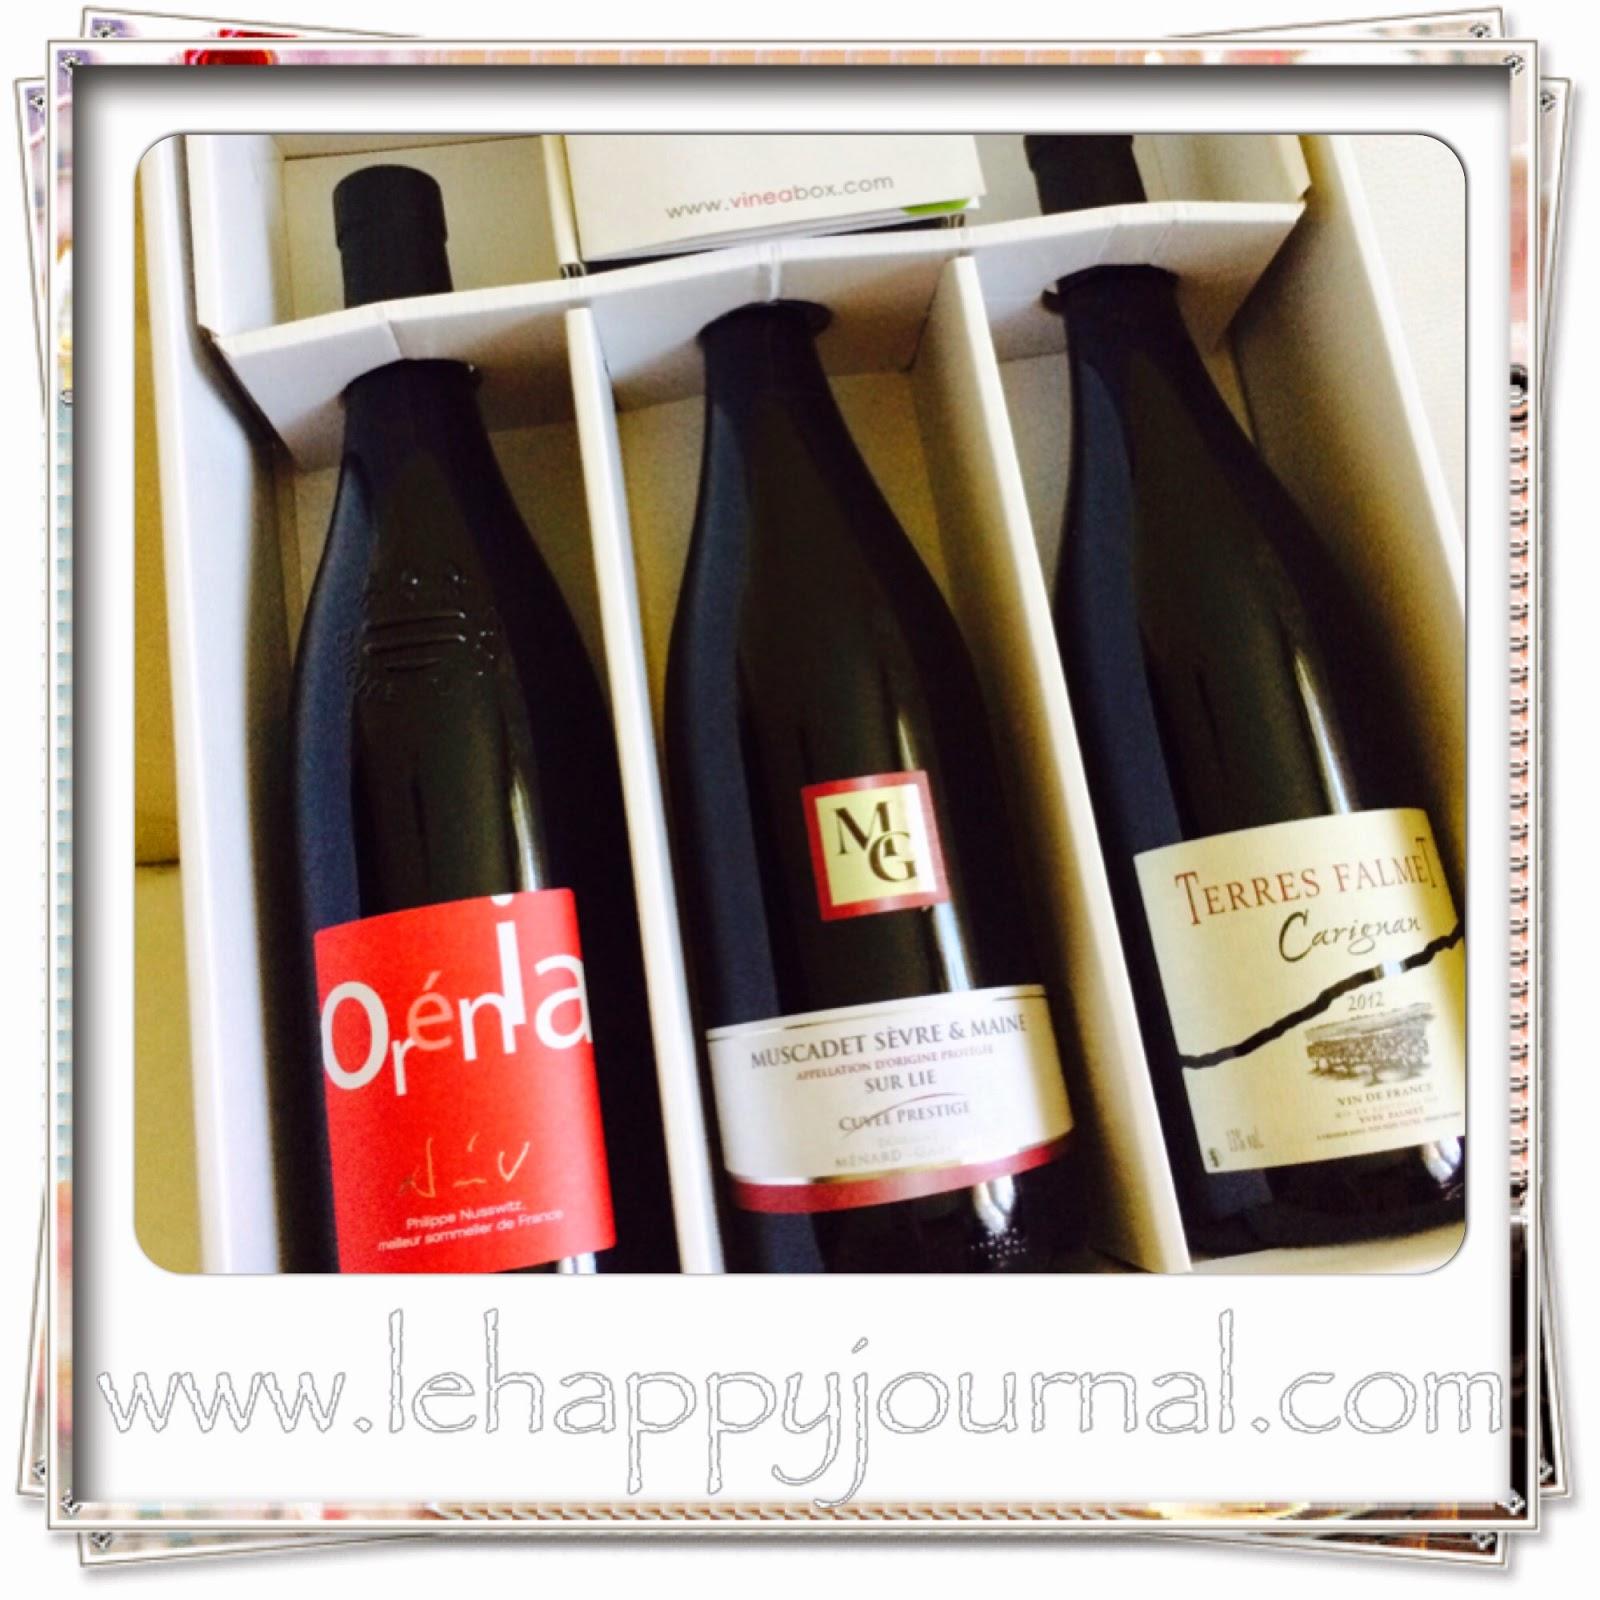 vineabox, abonnement, mensuel, vins, selection, partenaire, happy journal